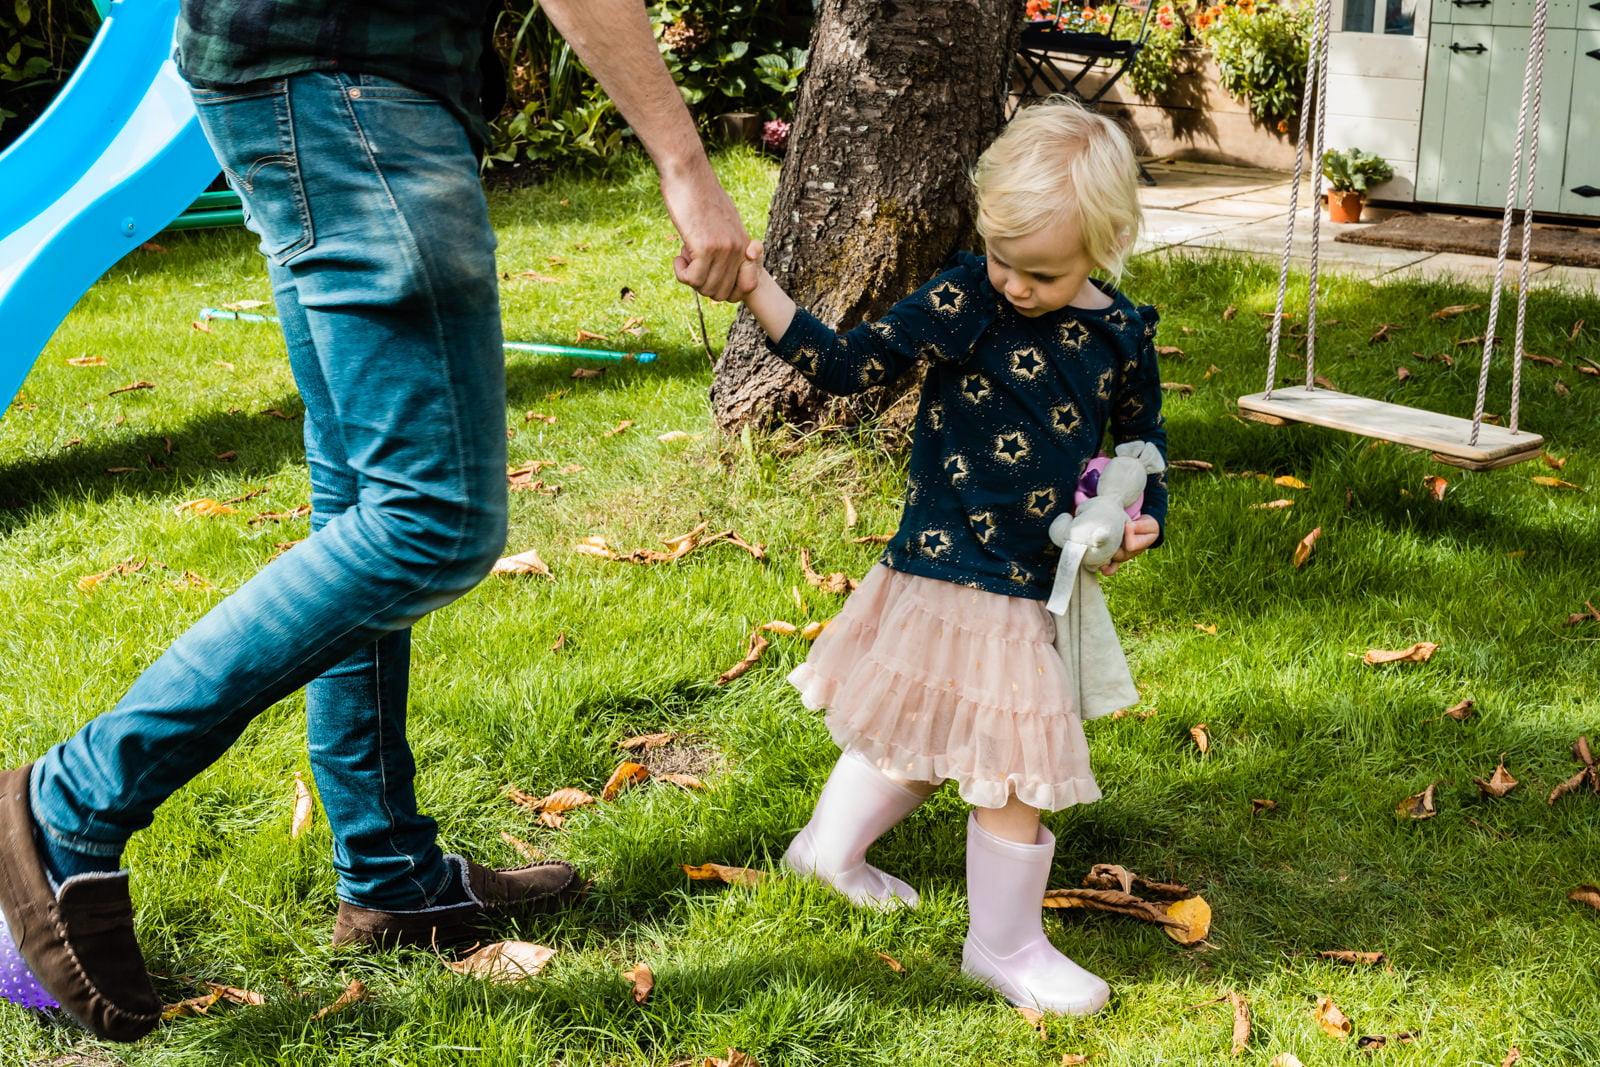 Farnham Family Photoshoot - Joanne, Will & Adeline 1